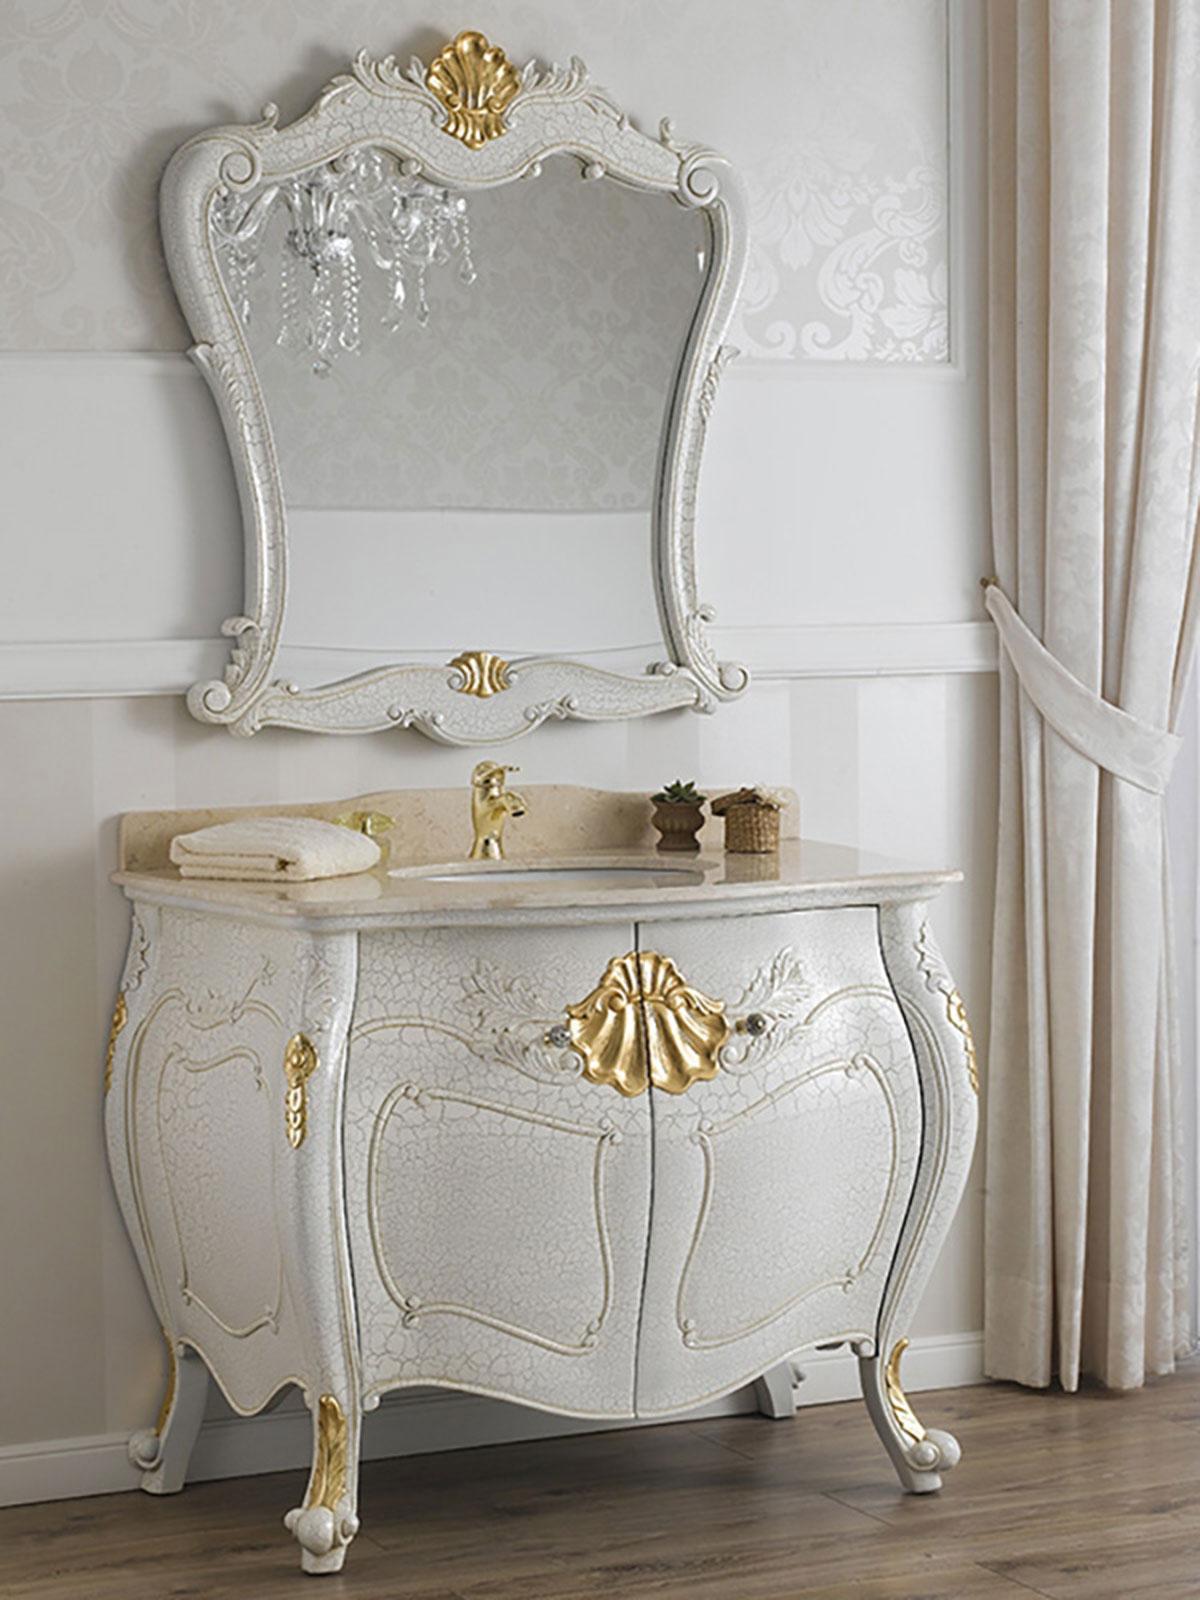 Como e specchio anderson stile barocco veneziano arredo for Arredo bagno provincia como